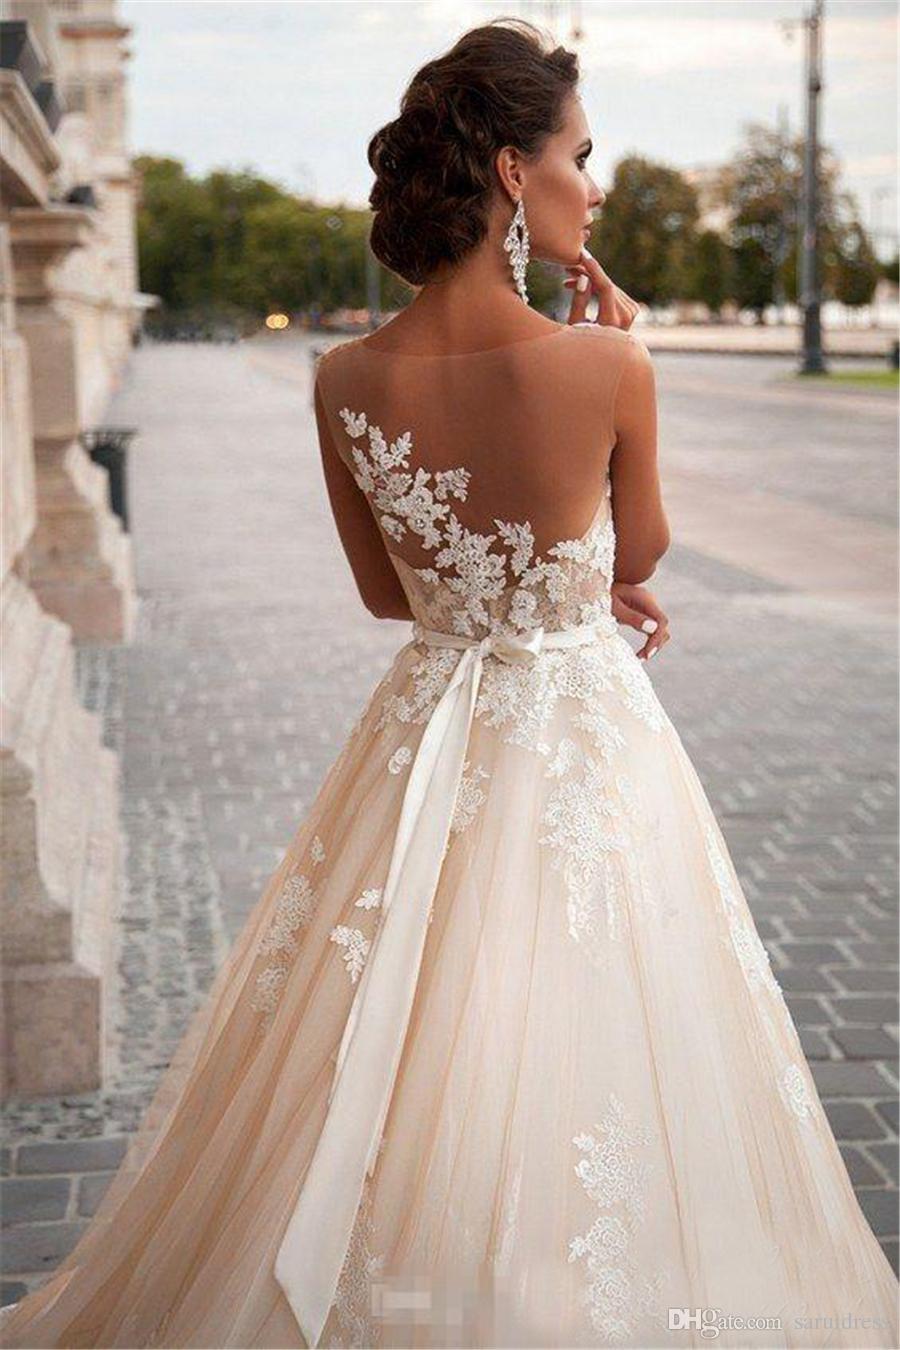 الوهم العنق الدانتيل اللؤلؤ مثير الظهر متواضعة زائد حجم أثواب الزفاف خمر ميلا نوفا الشمبانيا فساتين الزفاف الأميرة